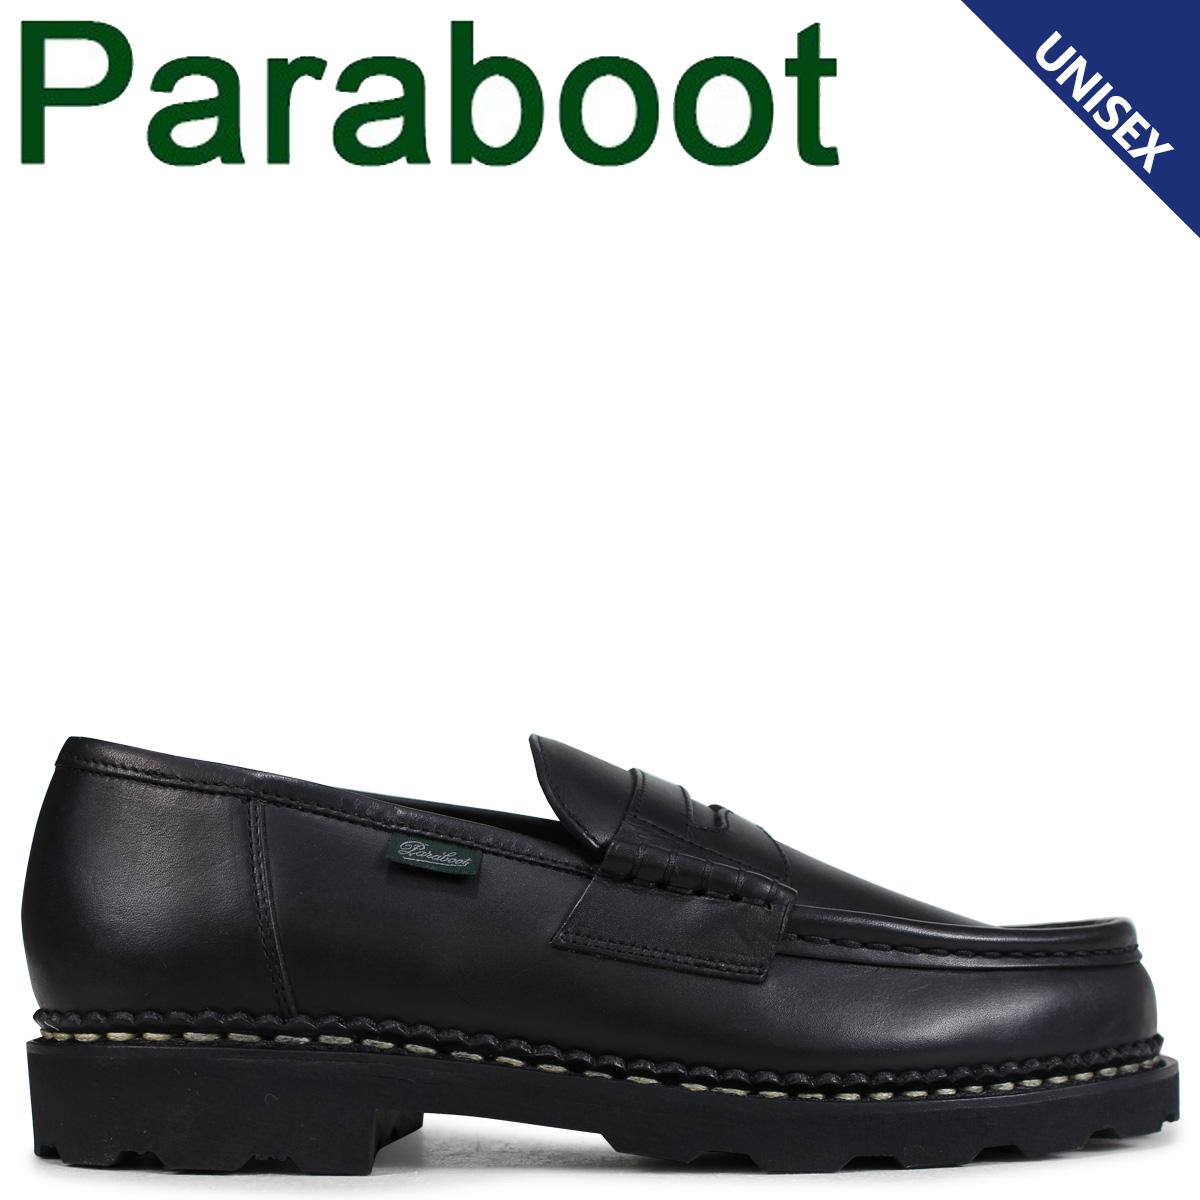 PARABOOT ランス パラブーツ REIMS シューズ ローファー 099412 メンズ レディース ブラック 黒